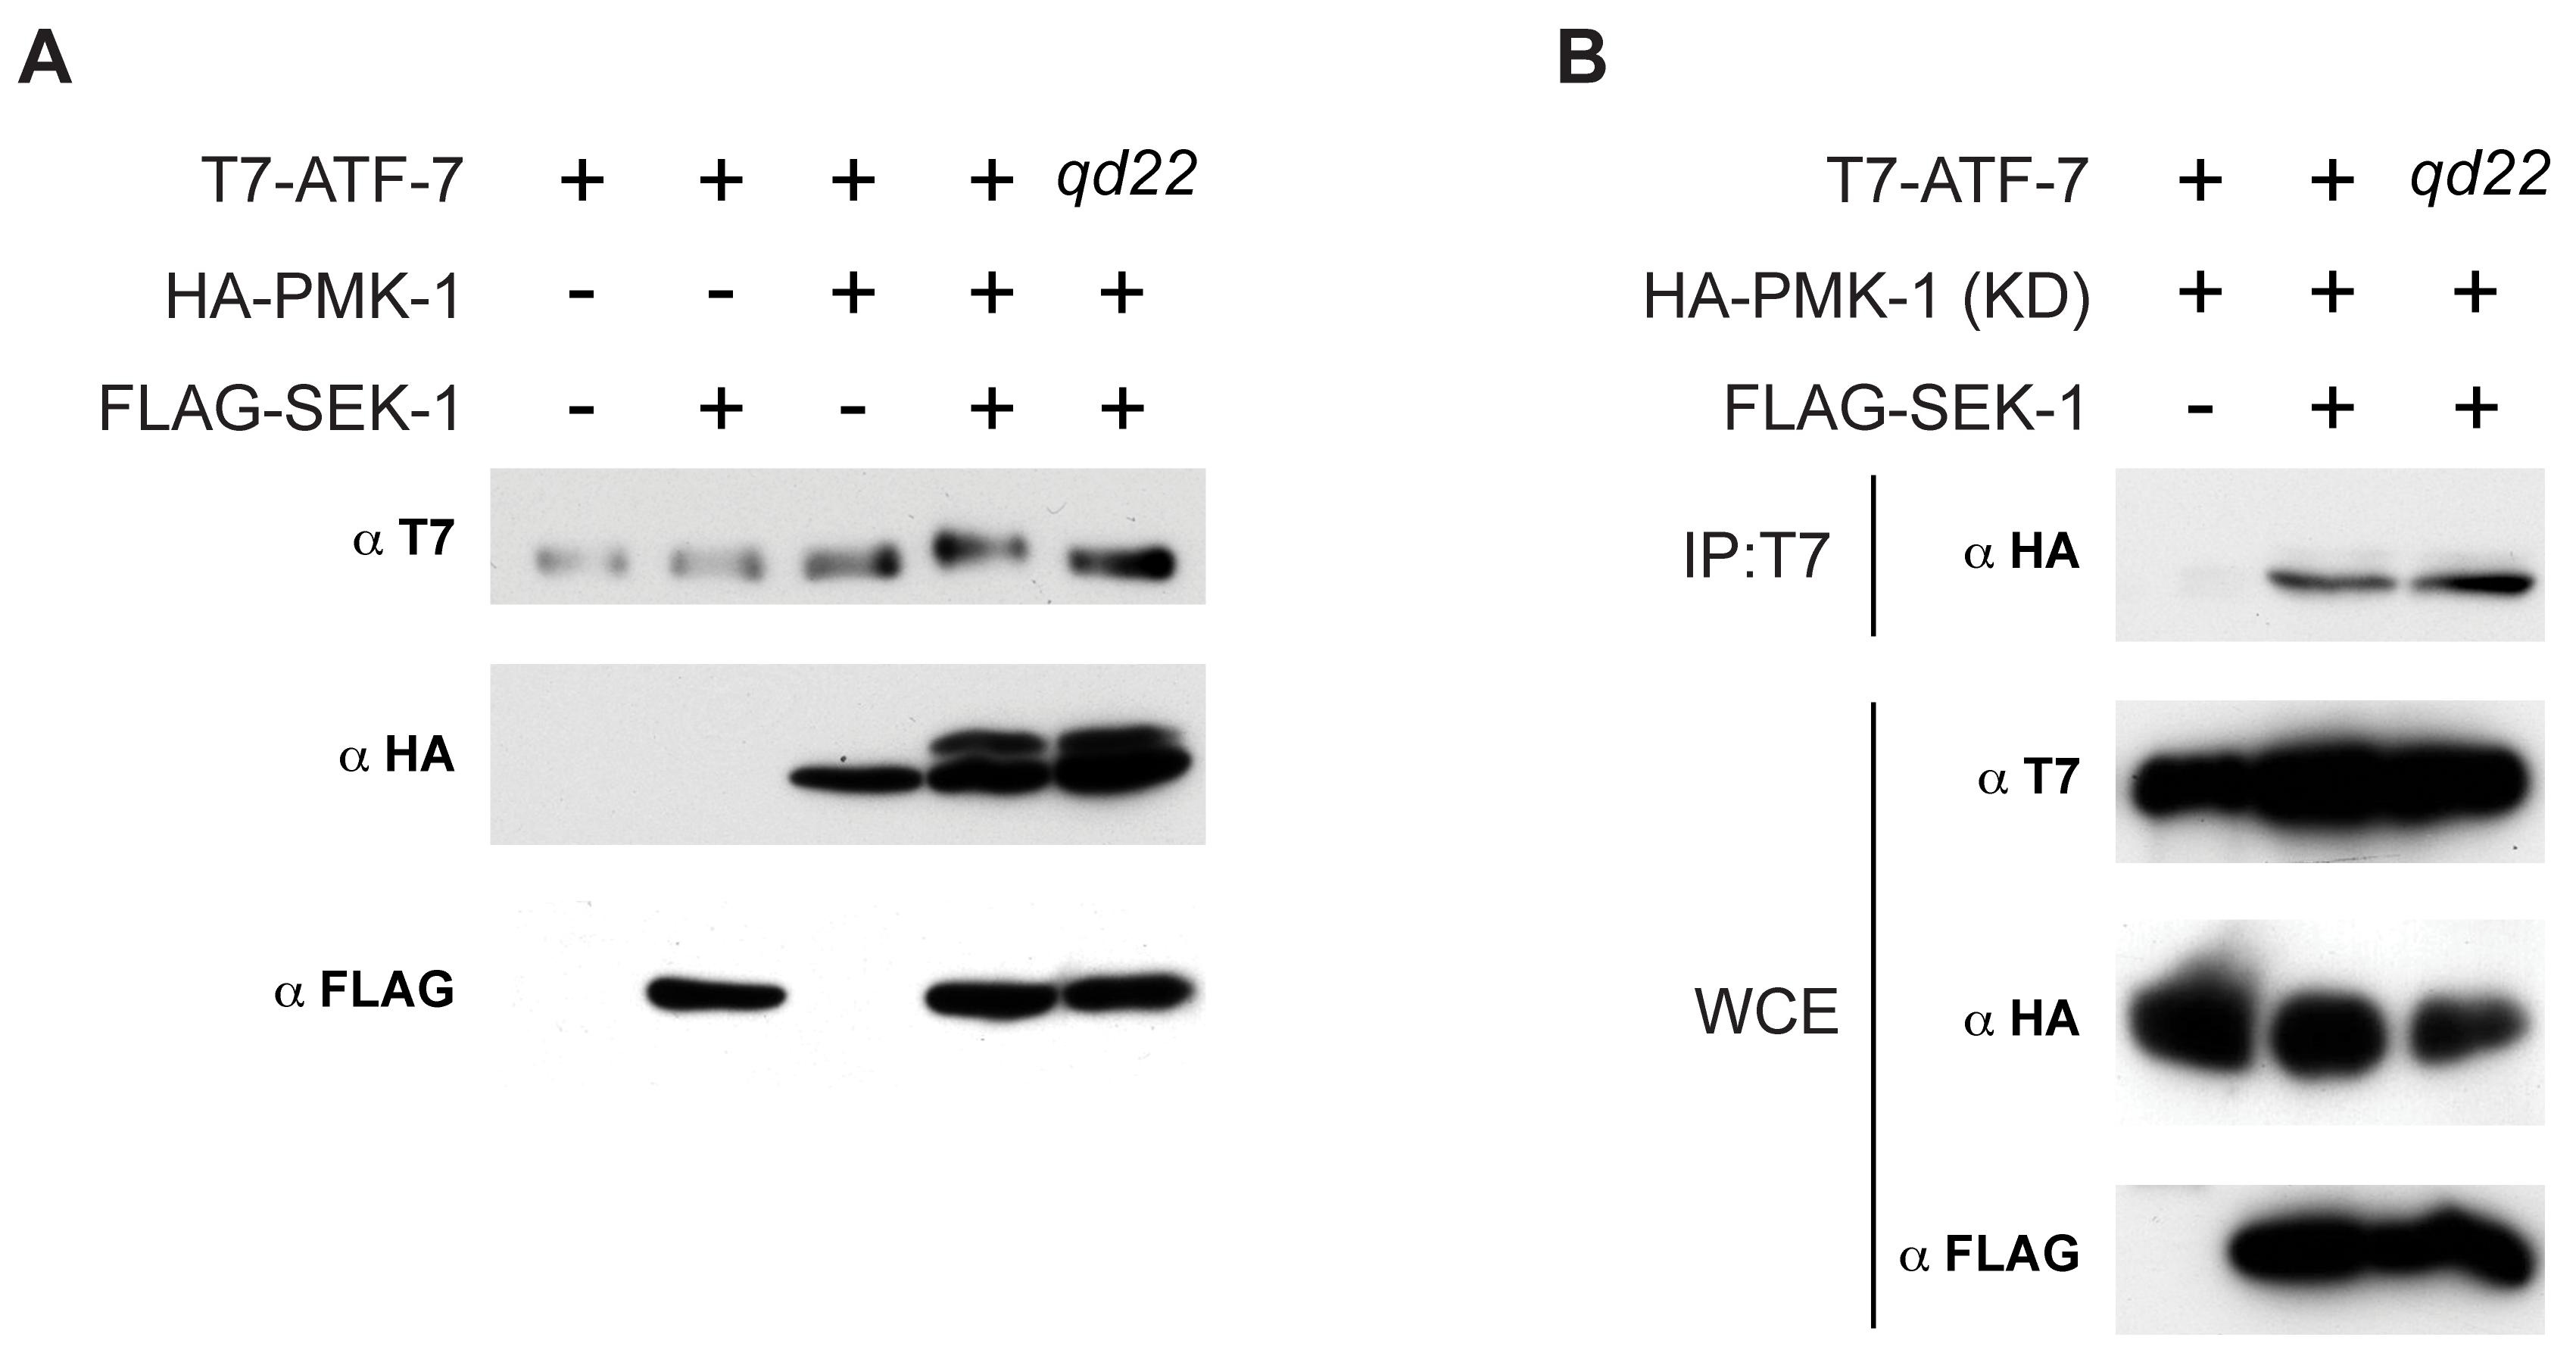 Phosphorylation of ATF-7 by PMK-1.